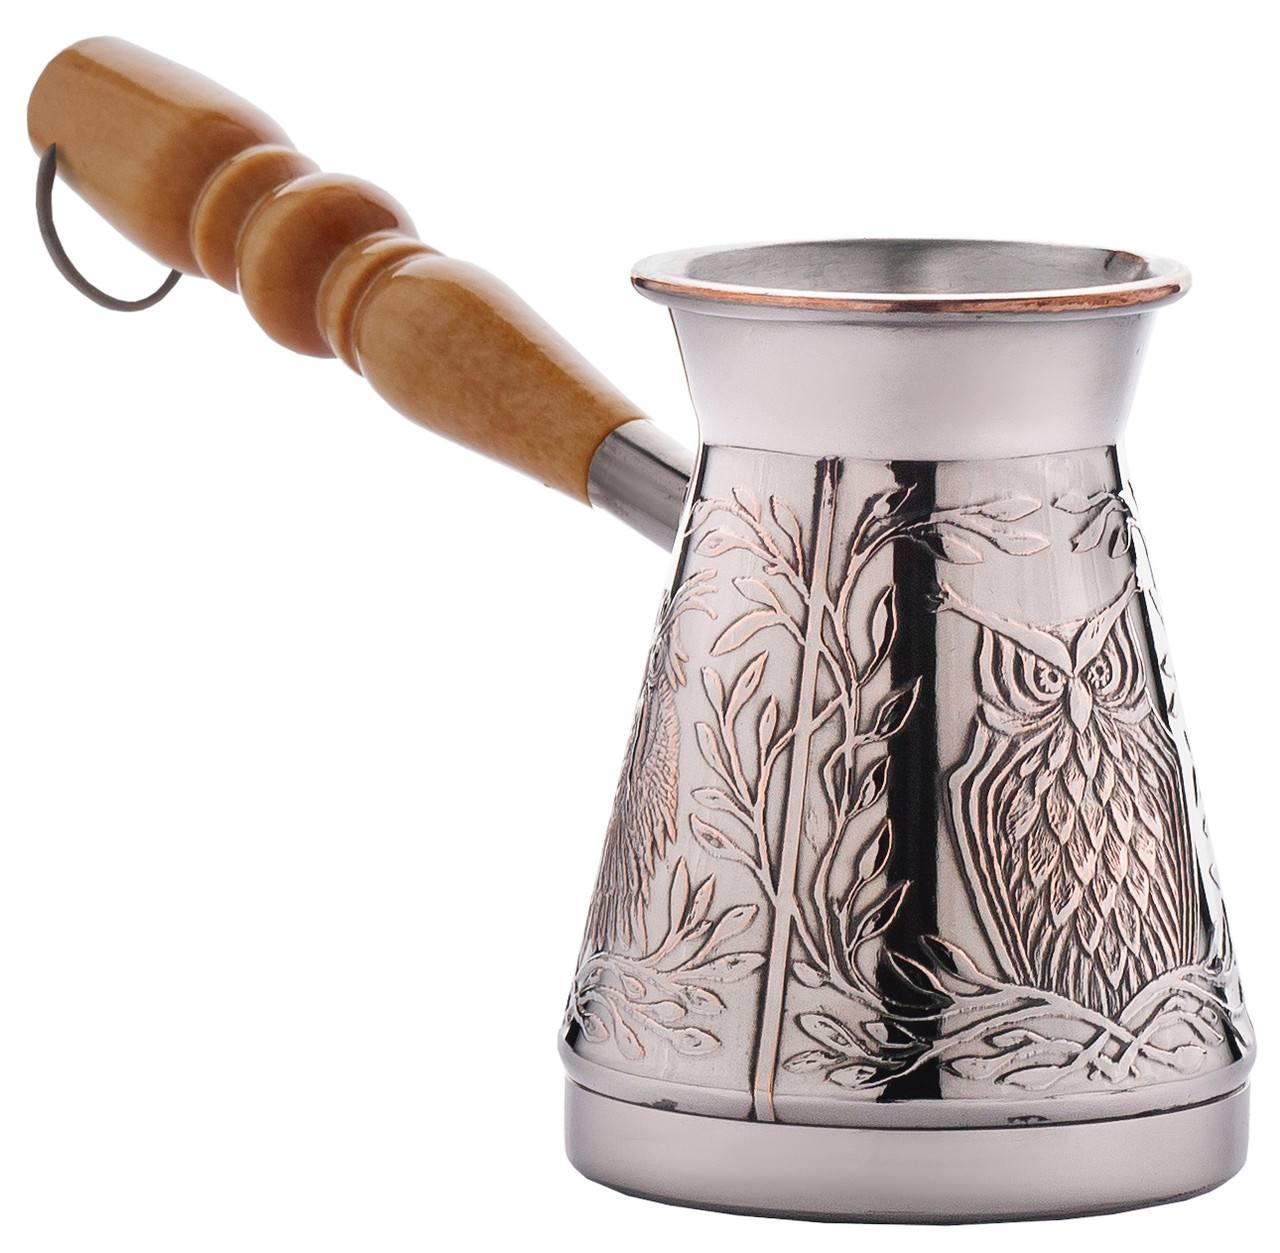 Где купить турку для кофе? лучшие места покупки джезвы